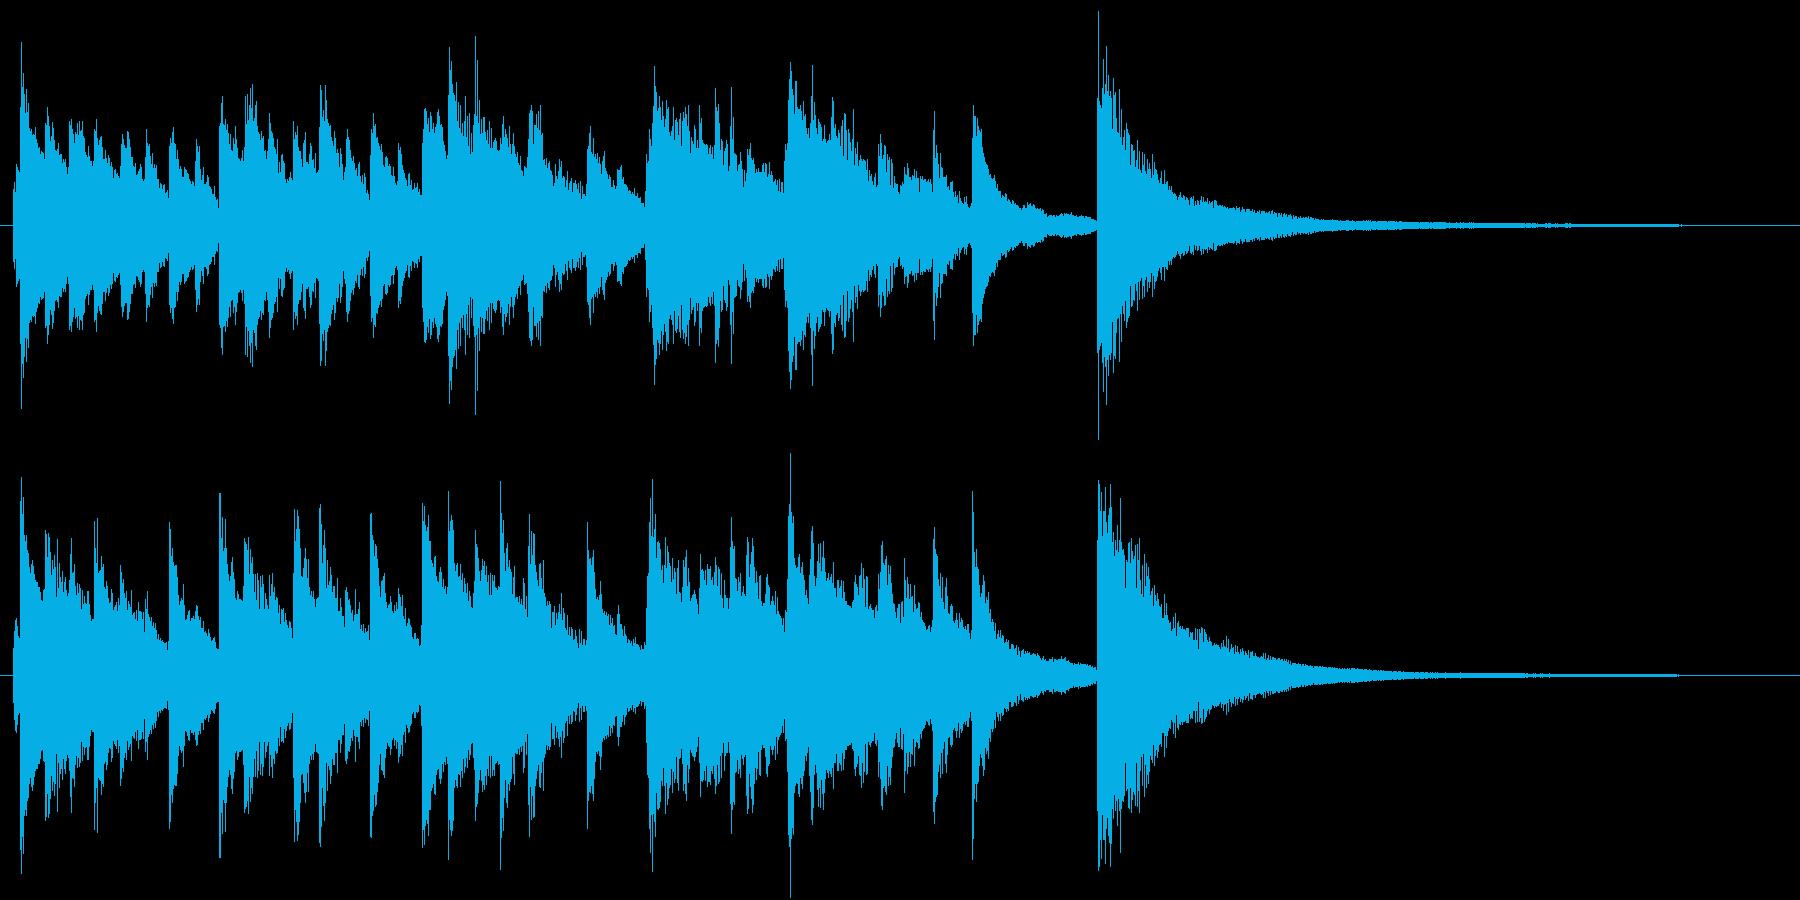 動画のエンディング向けピアノソロジングルの再生済みの波形